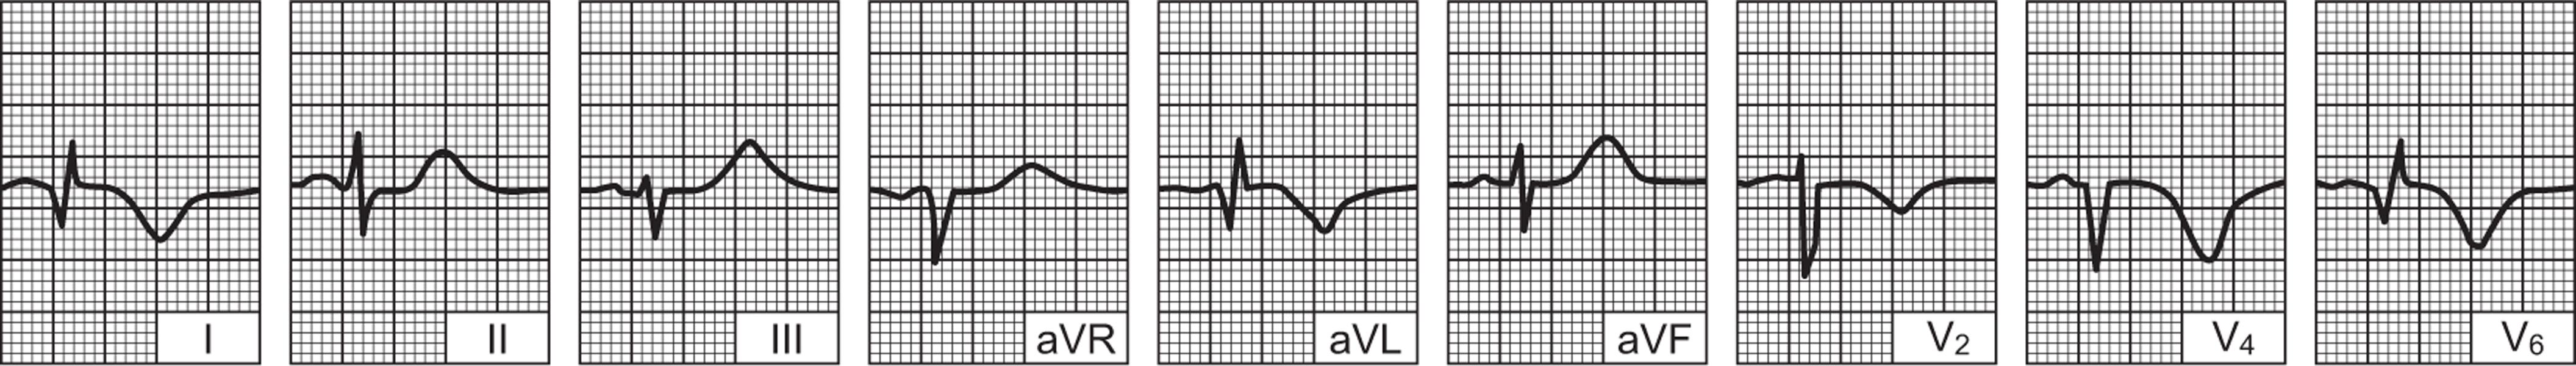 punjenja nakon srčanog udara nove metode za liječenje hipertenzije